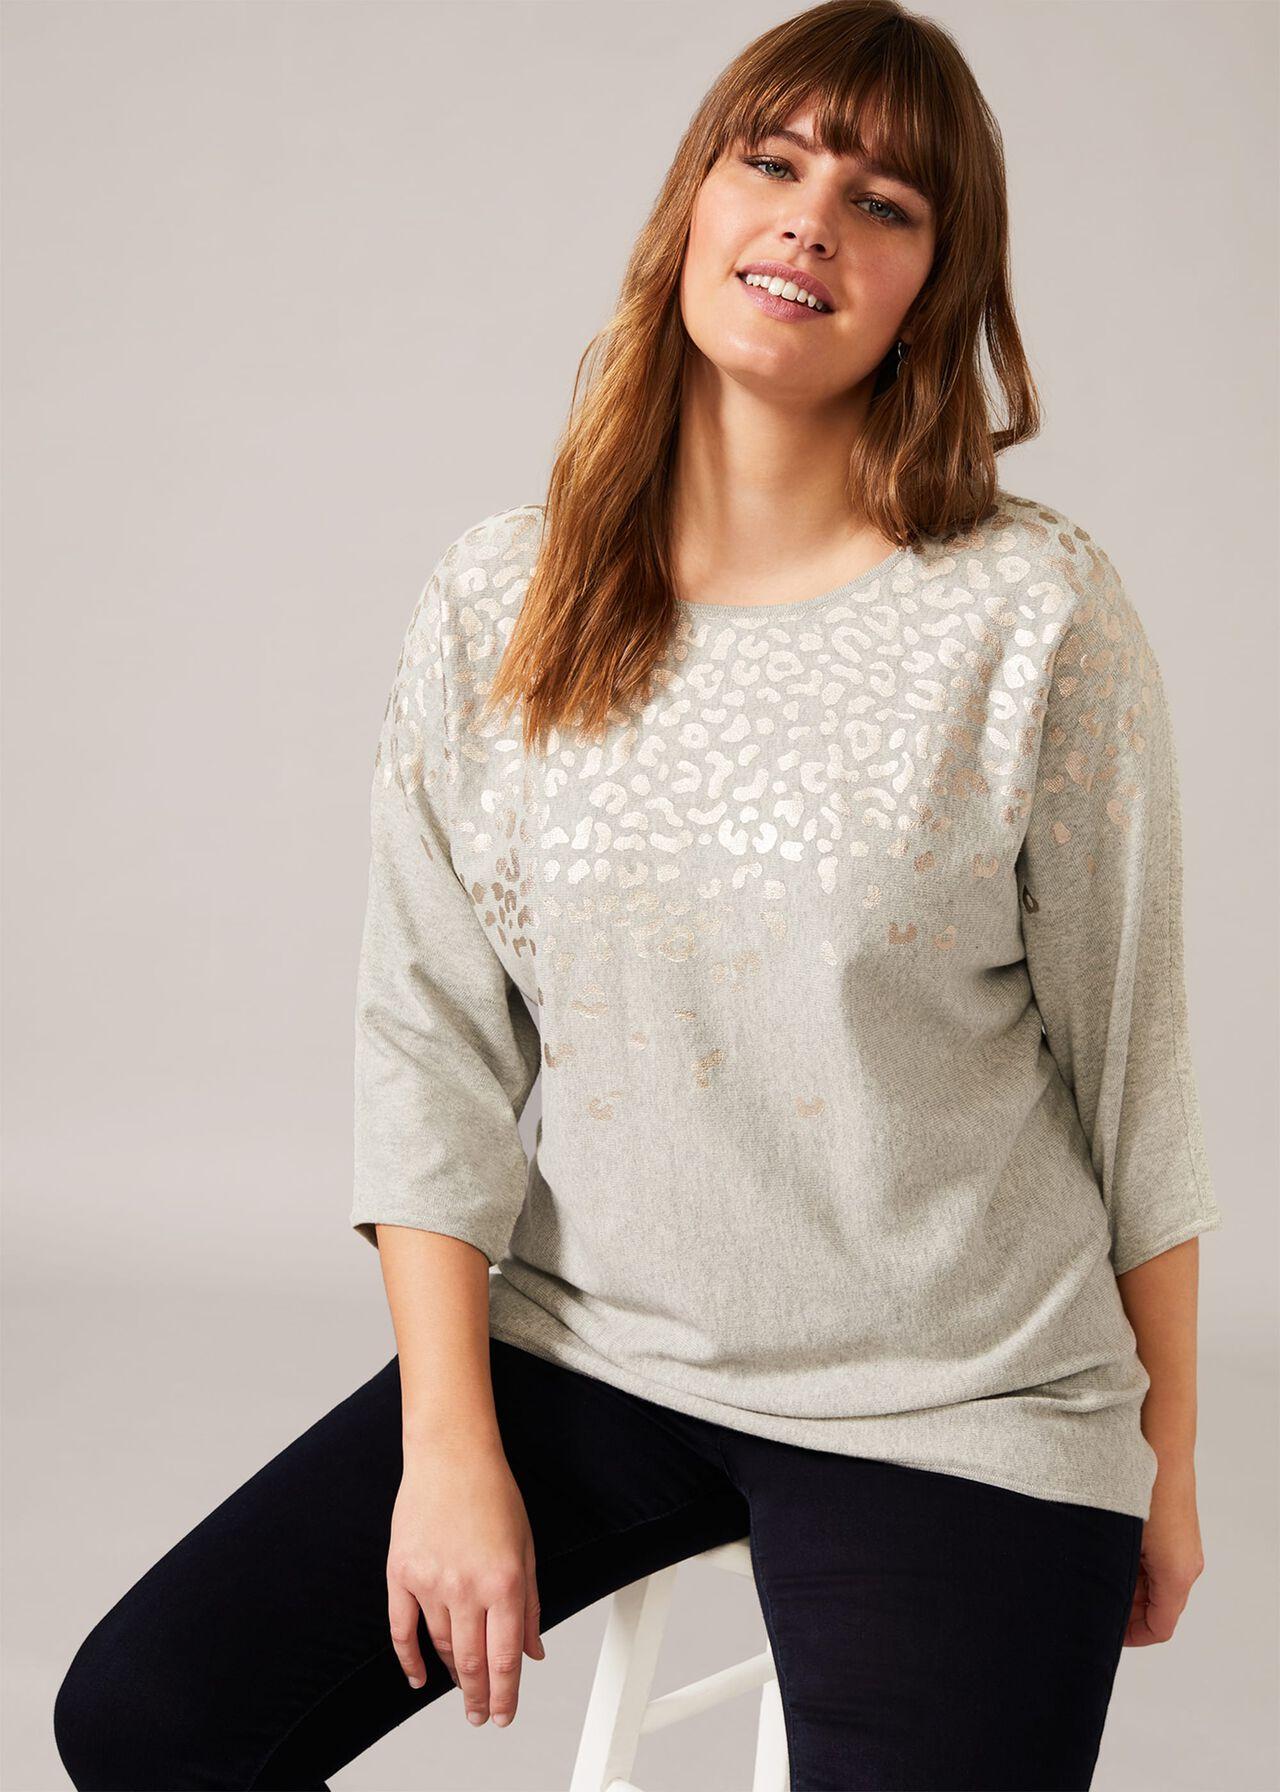 Amaya Animal Print Knit Top